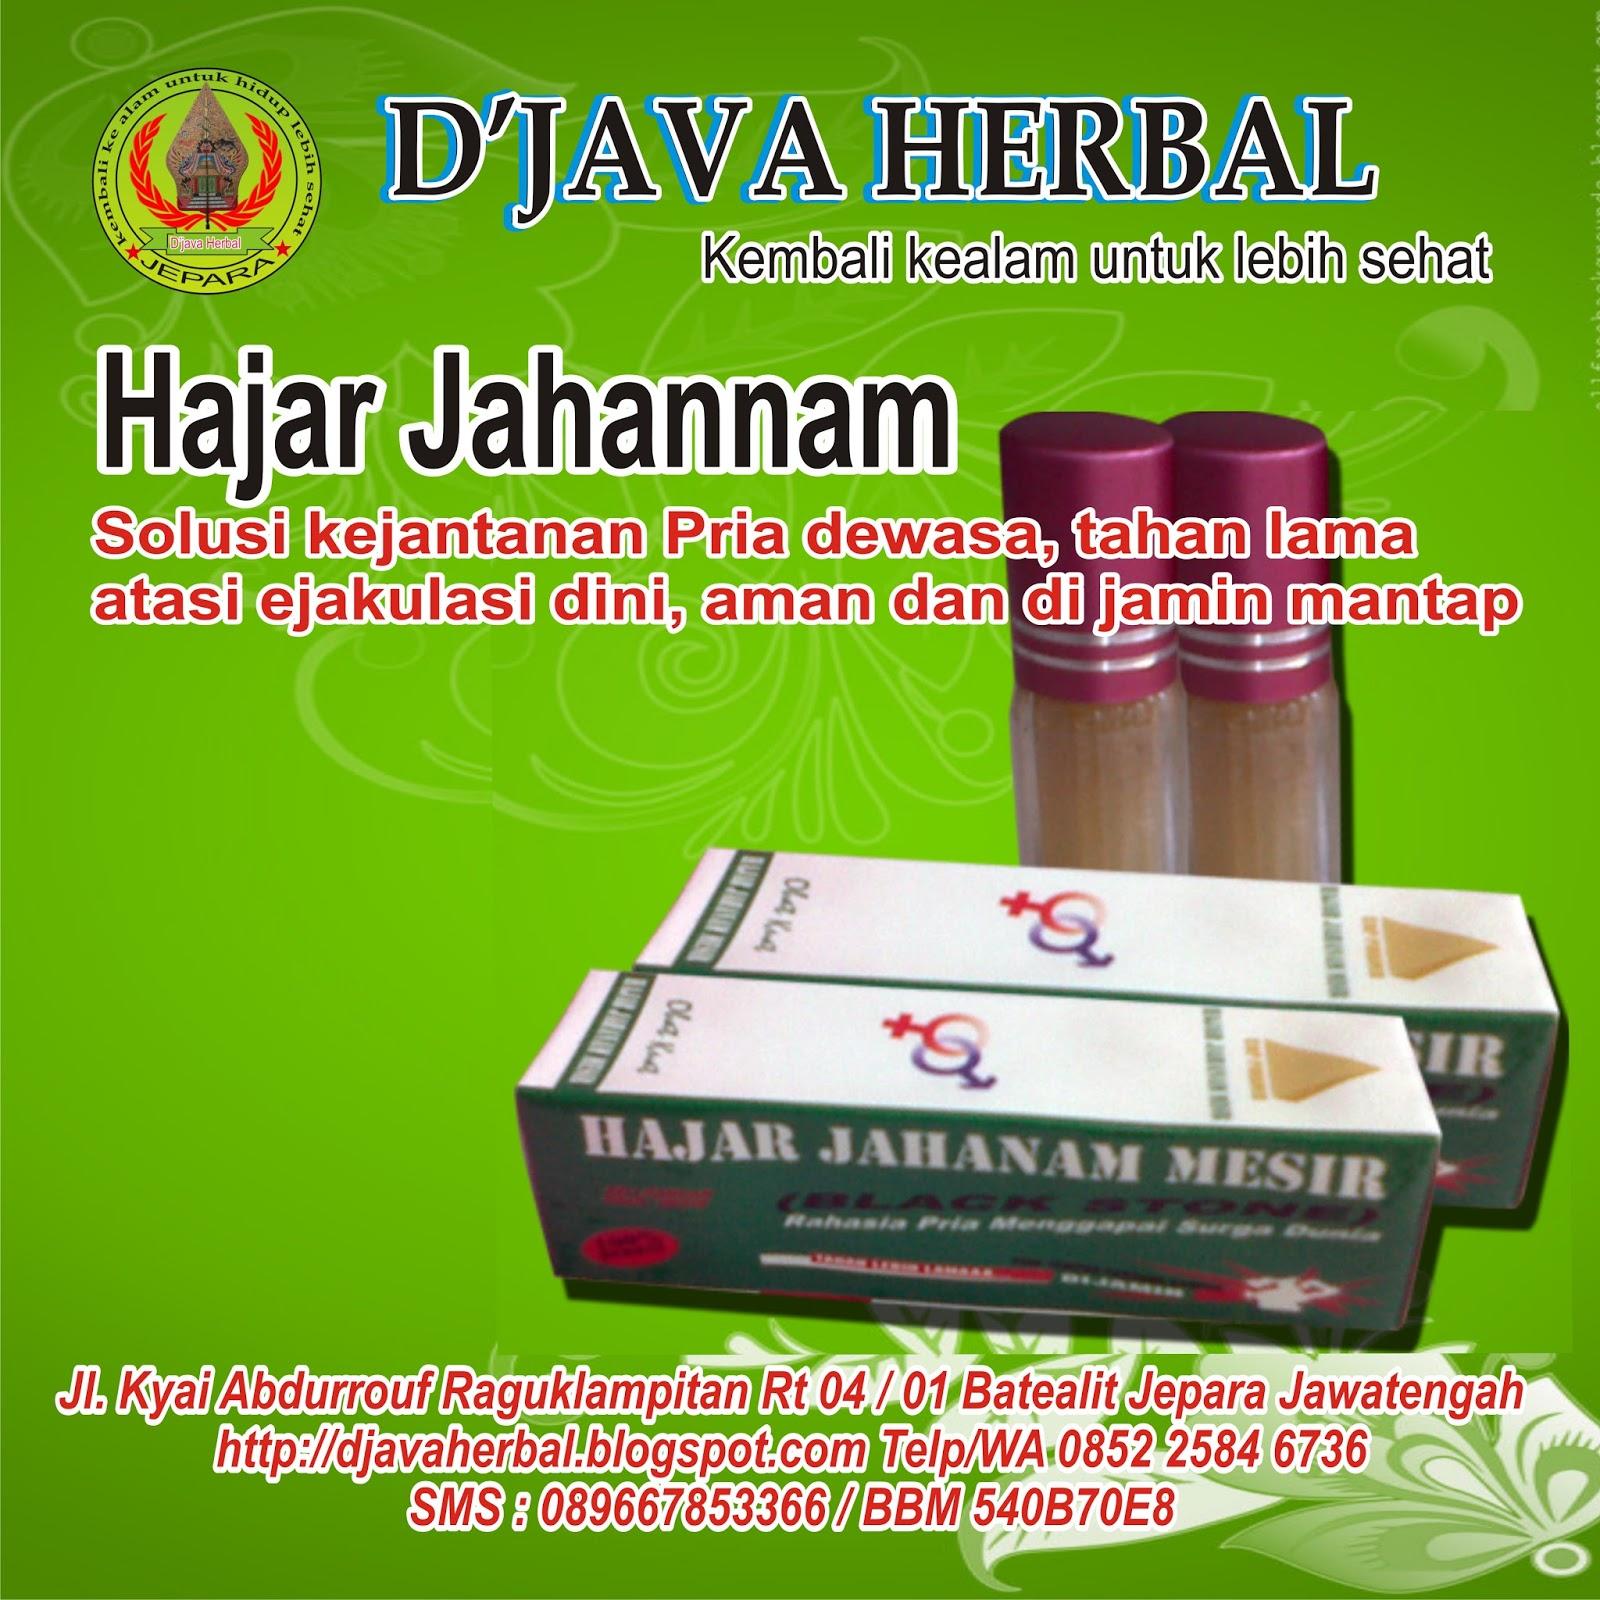 herbal kejantanan oles bergaransi djava herbal